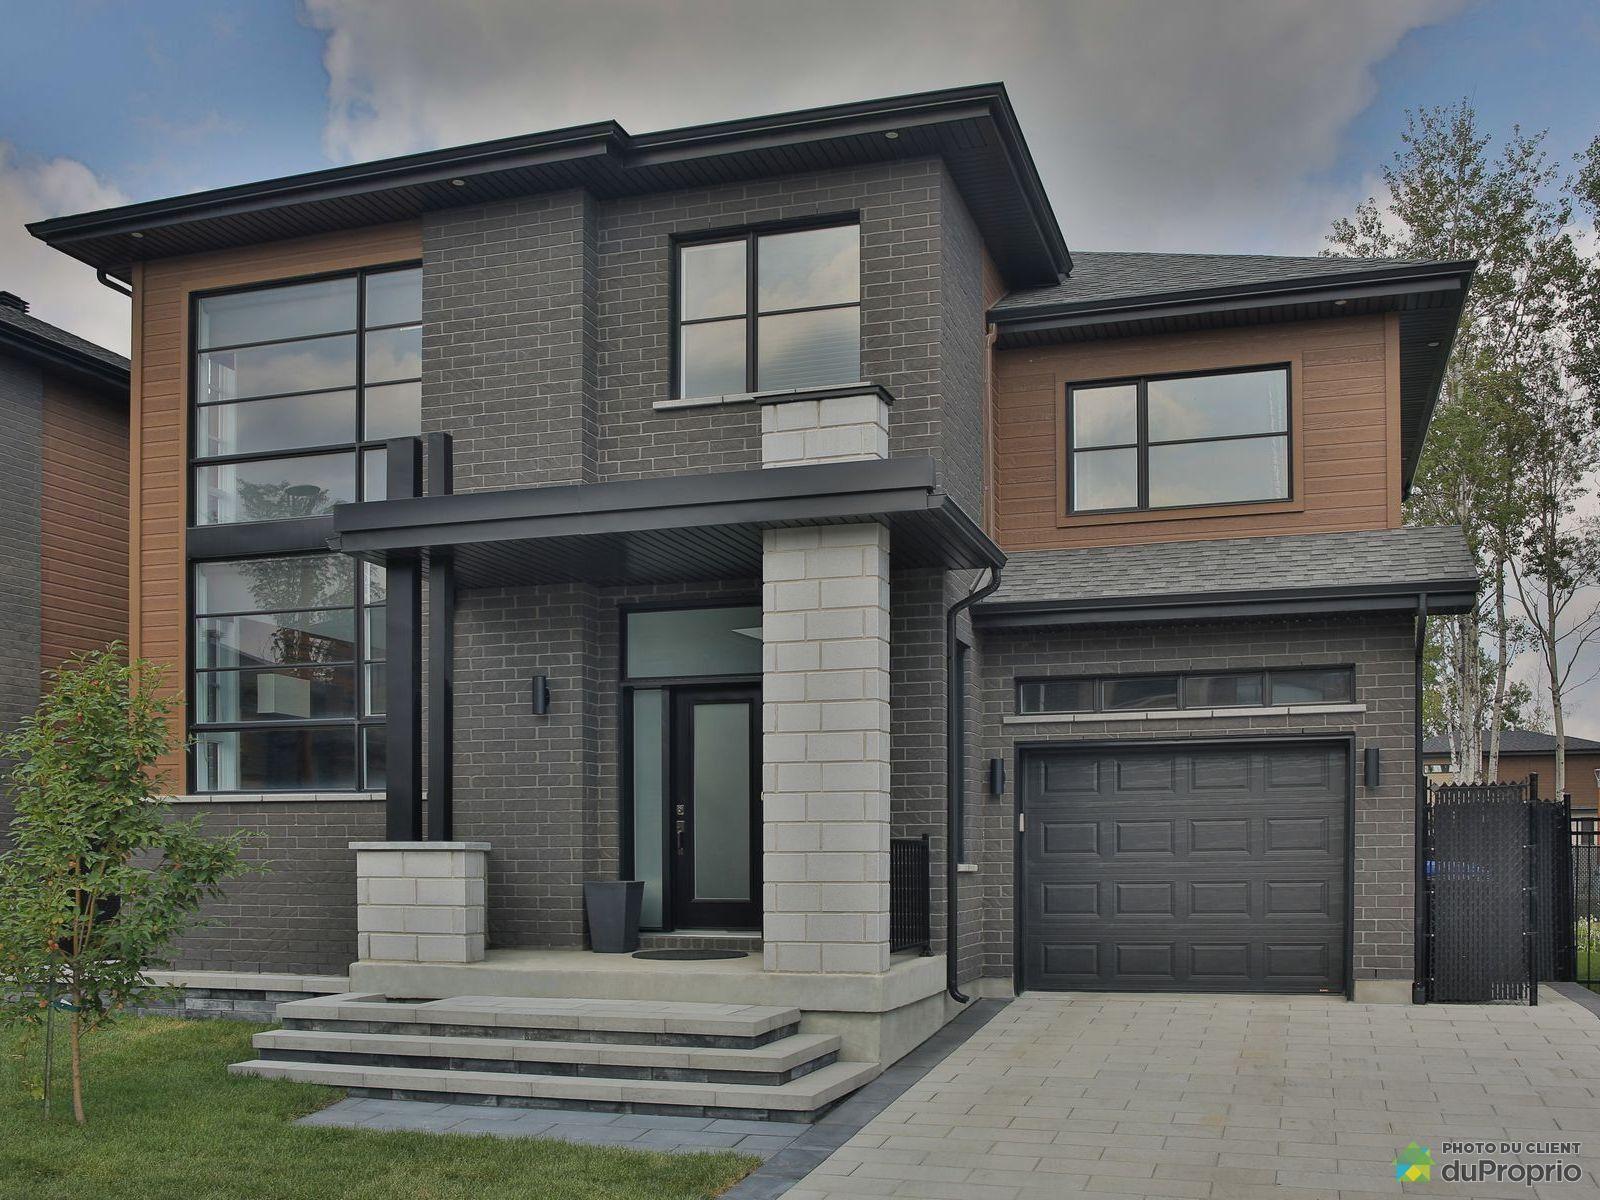 J Ai Vendu Sans Commission Avec L Aide De L Equipe Duproprio Facade House House Designs Exterior House Exterior